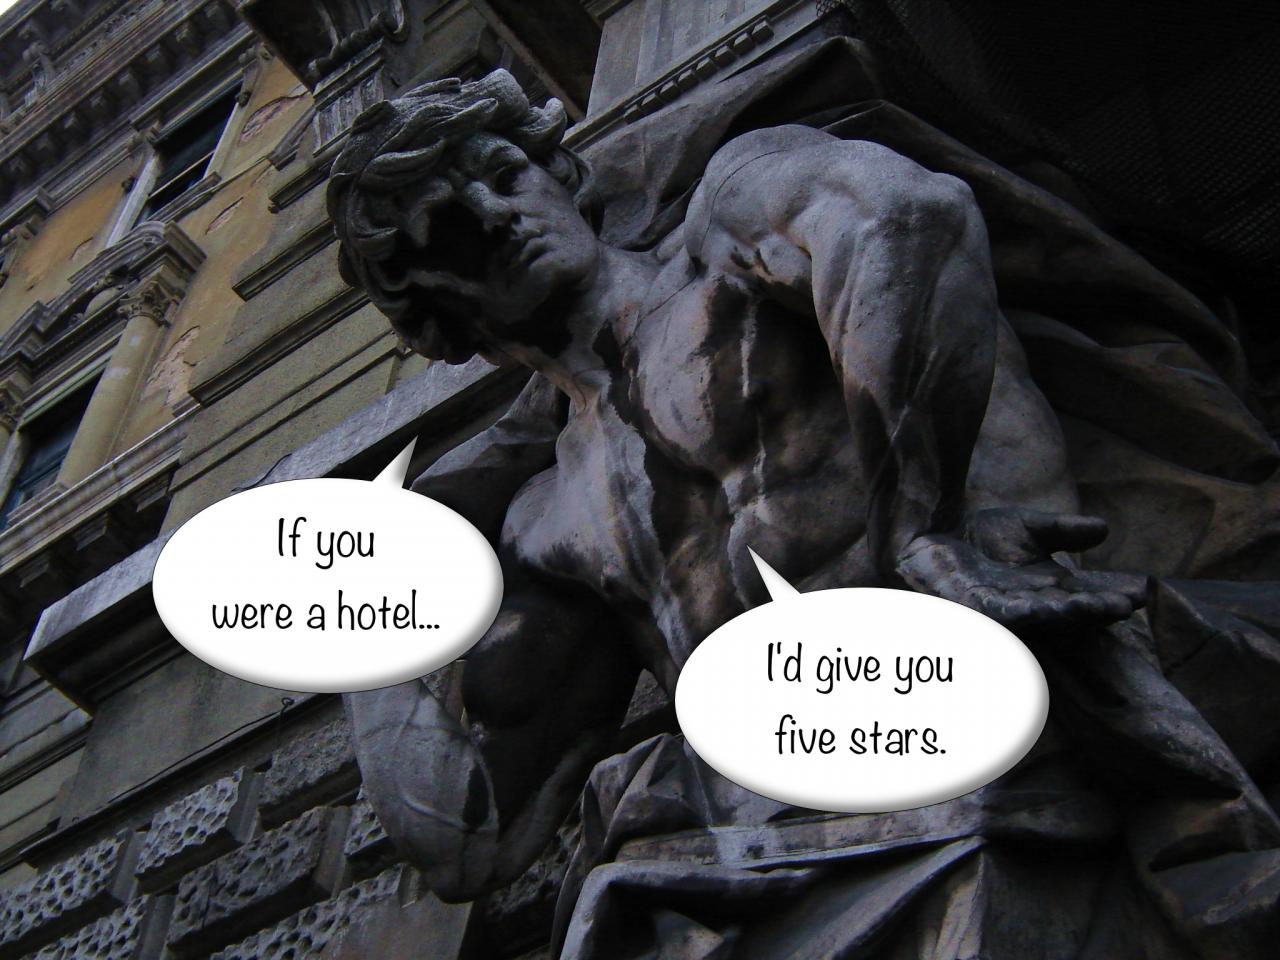 Flirtatious statue, Croatia